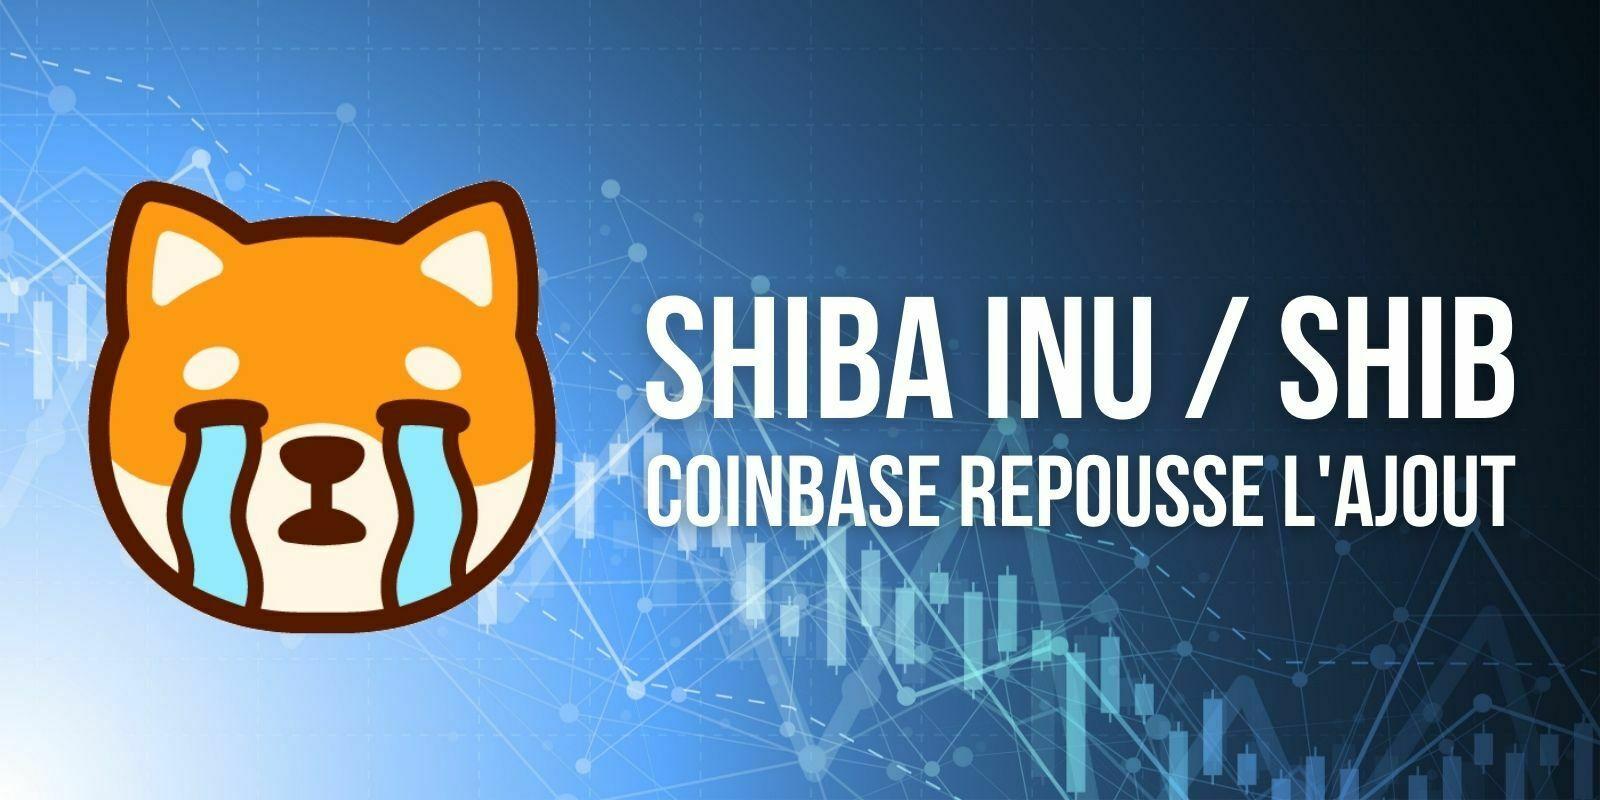 Coinbase Pro repousse l'ajout du Shiba Inu (SHIB) – Le cours chute de -18%